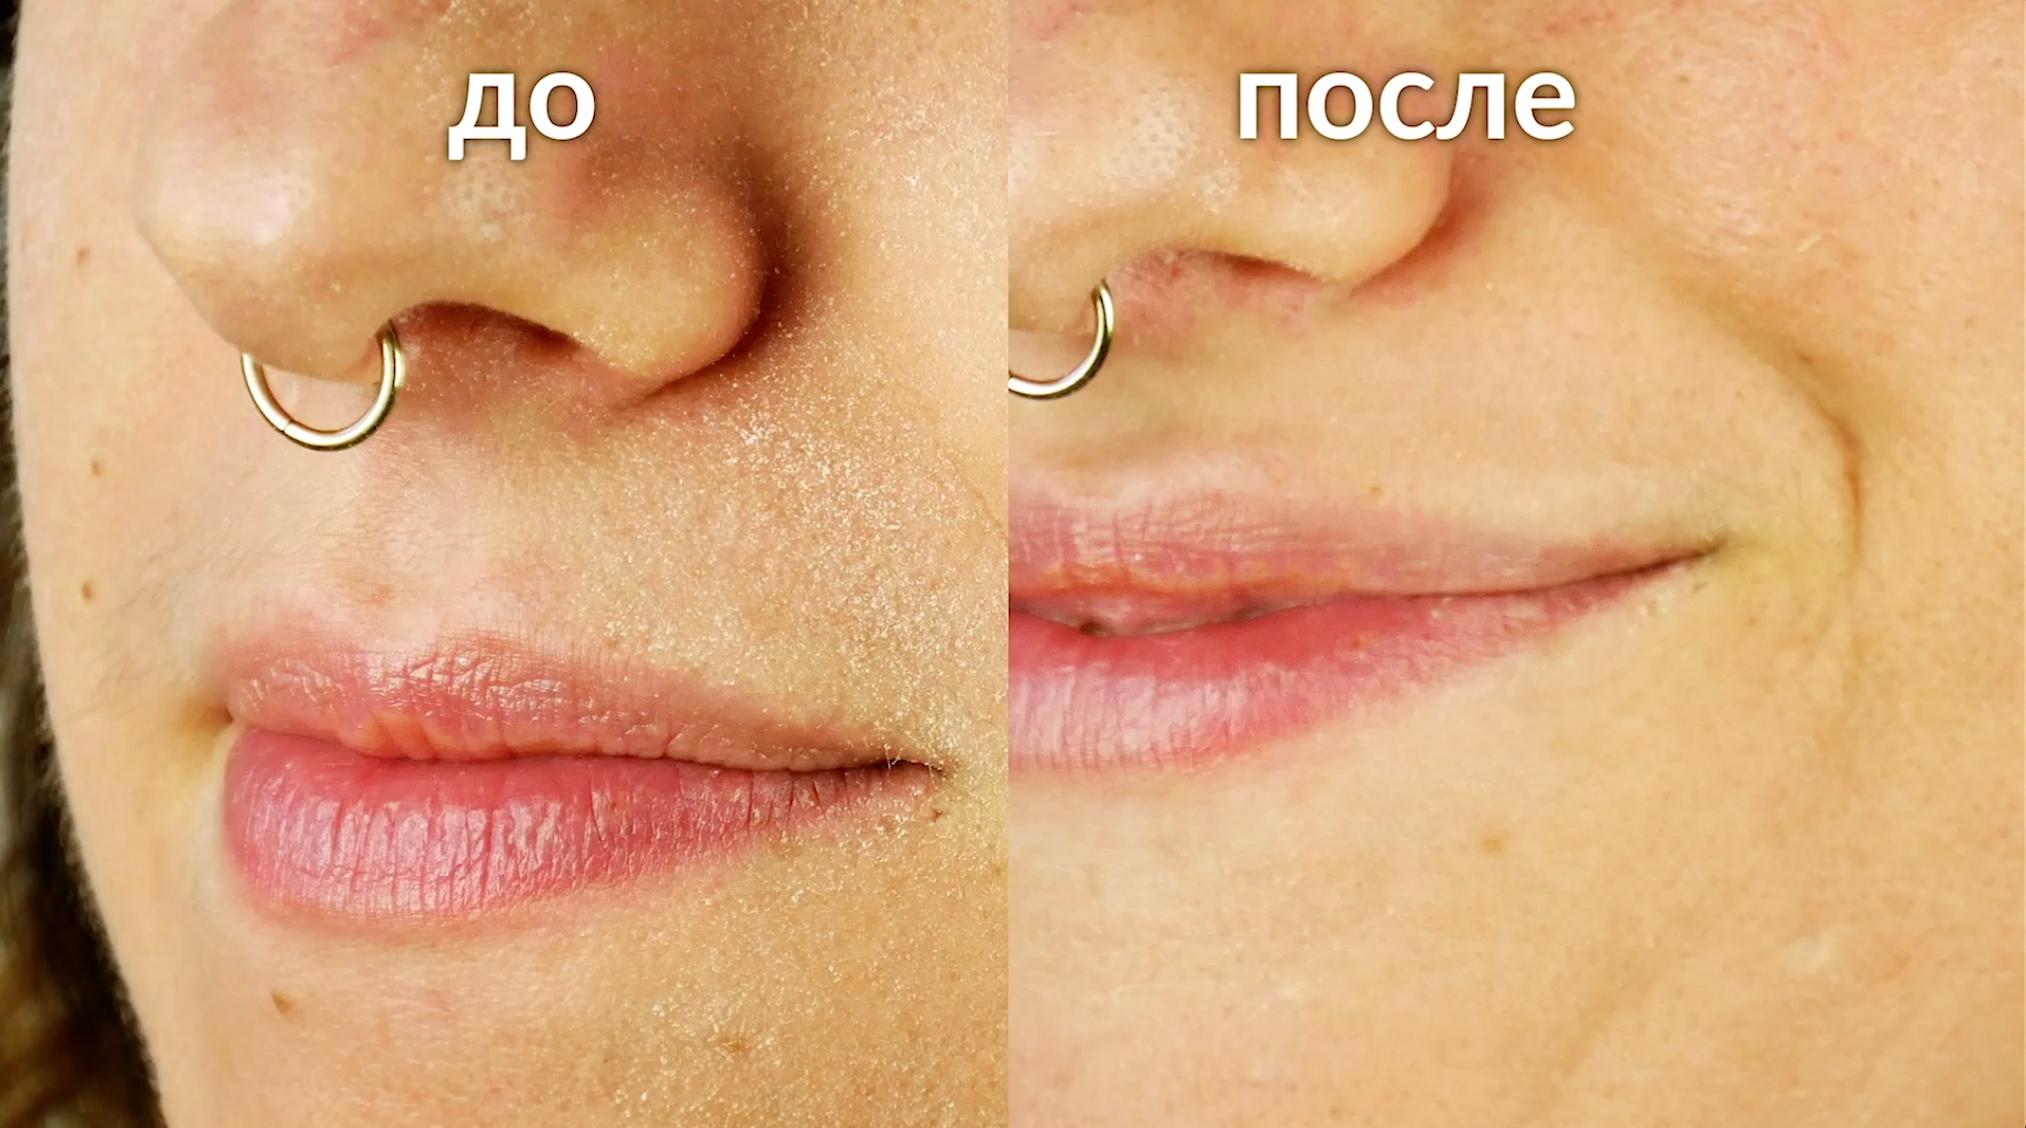 сравнение до и после